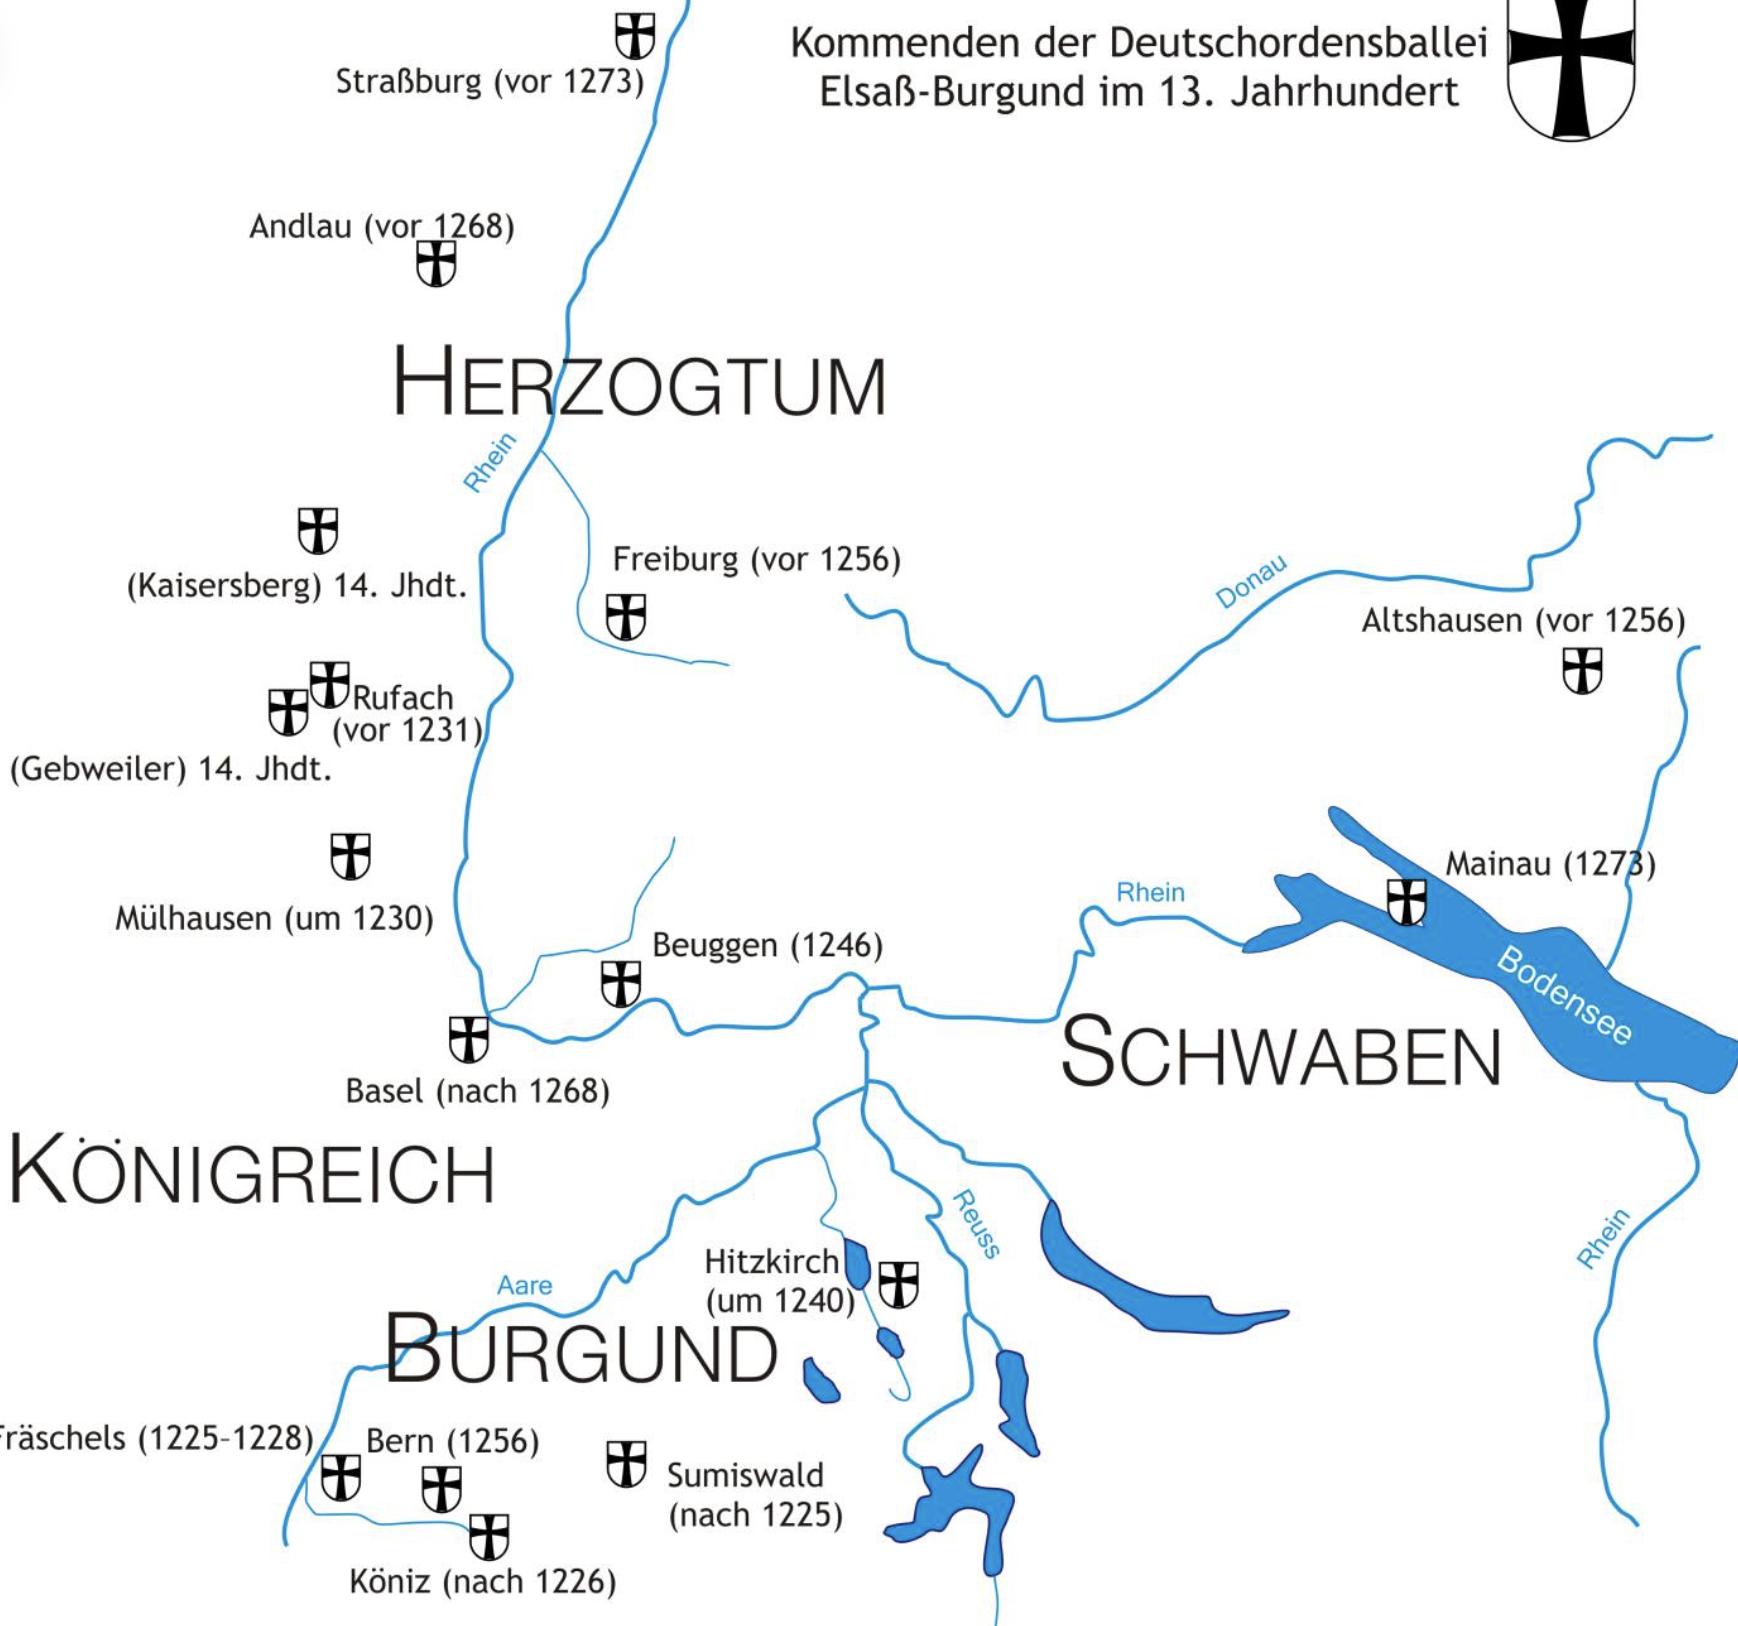 Les Commanderies teutoniques du bailliage Souabe-Alsace-Bourgogne au XIIIe siècle